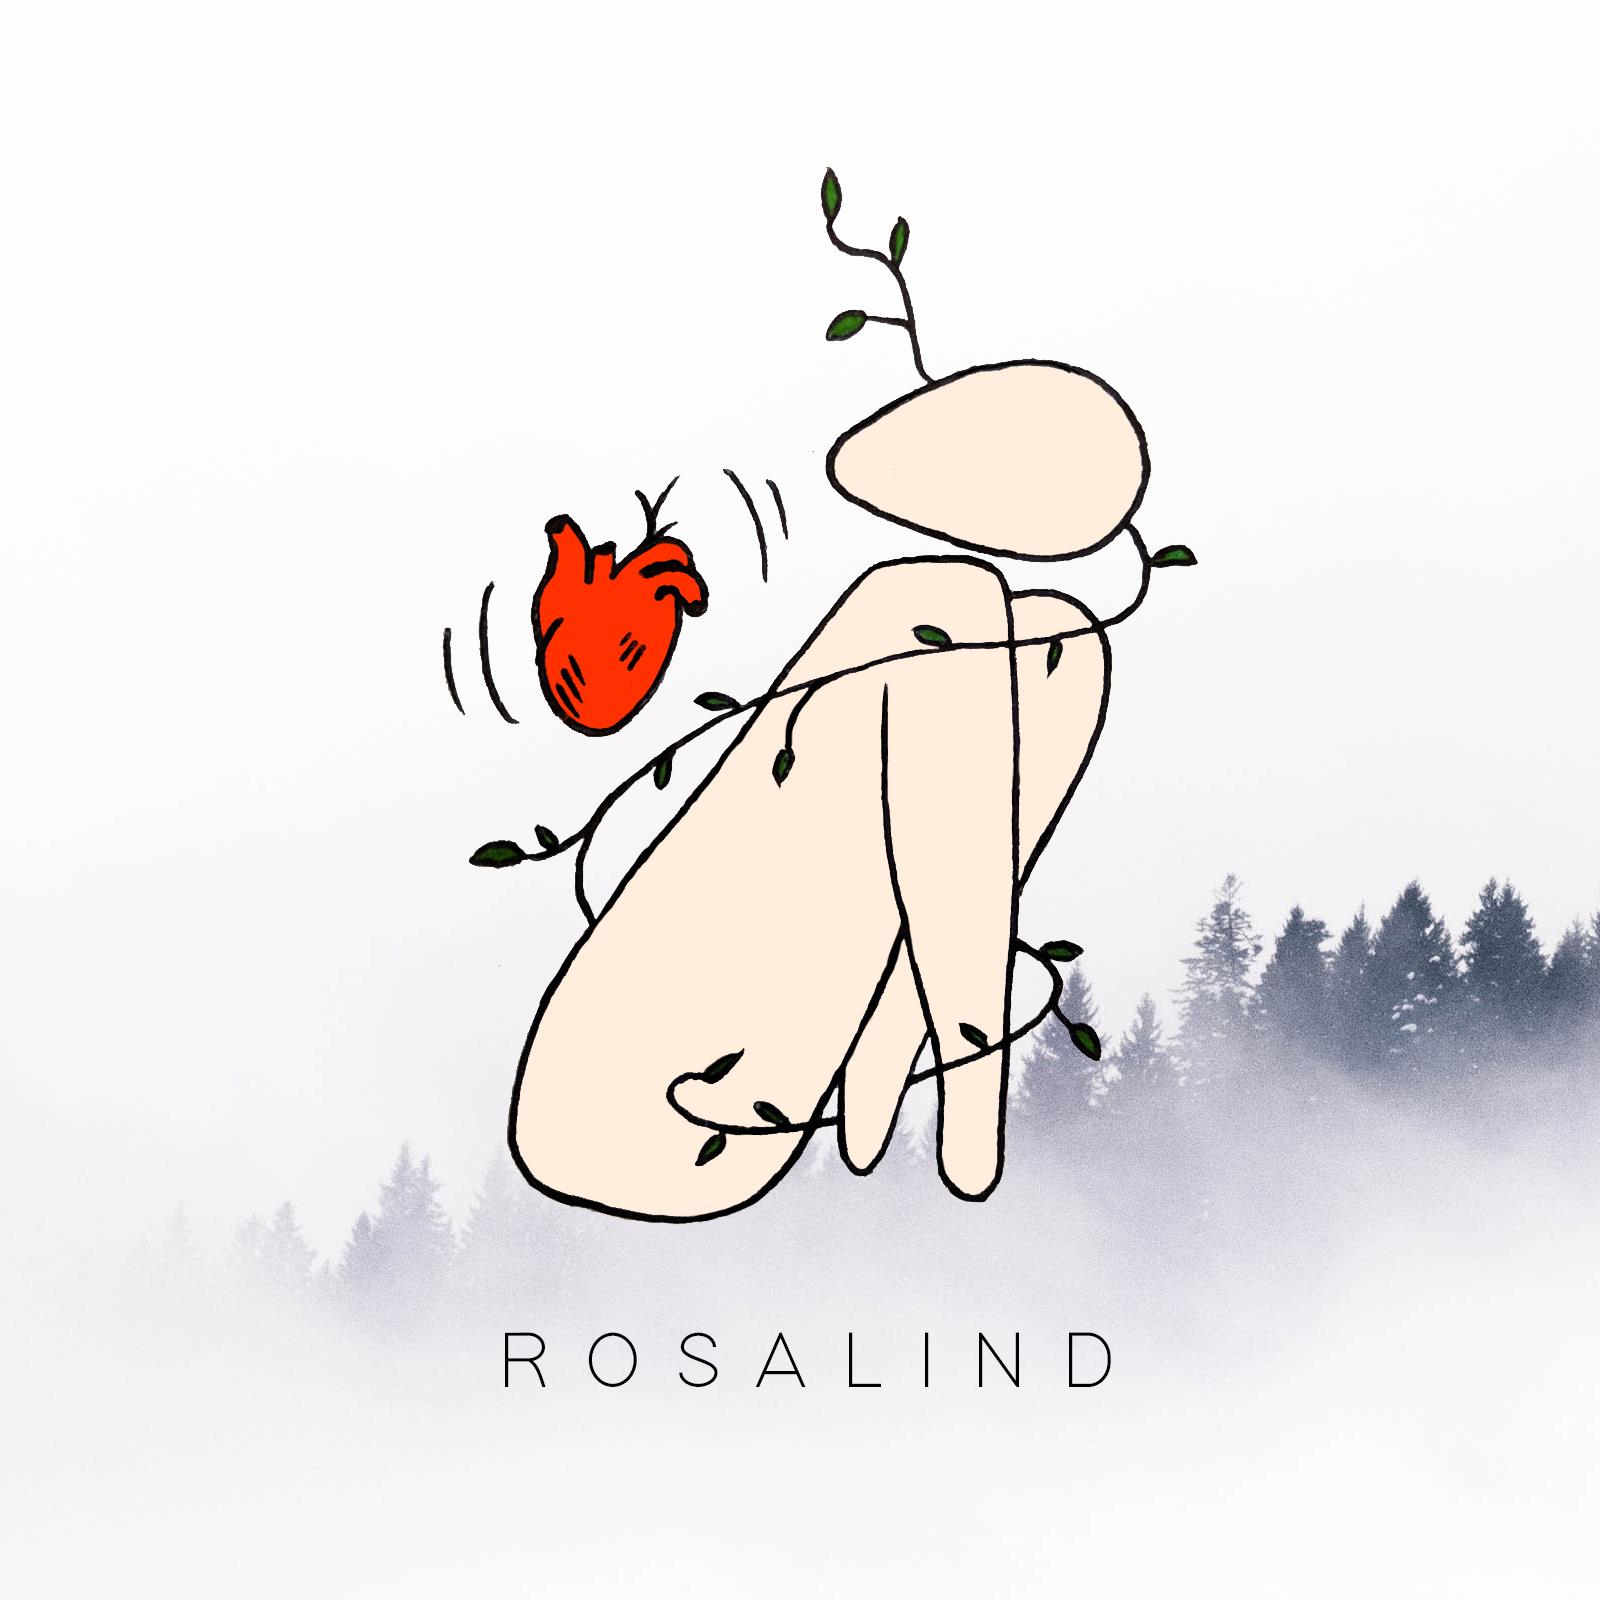 Rosalind - Heartbeat